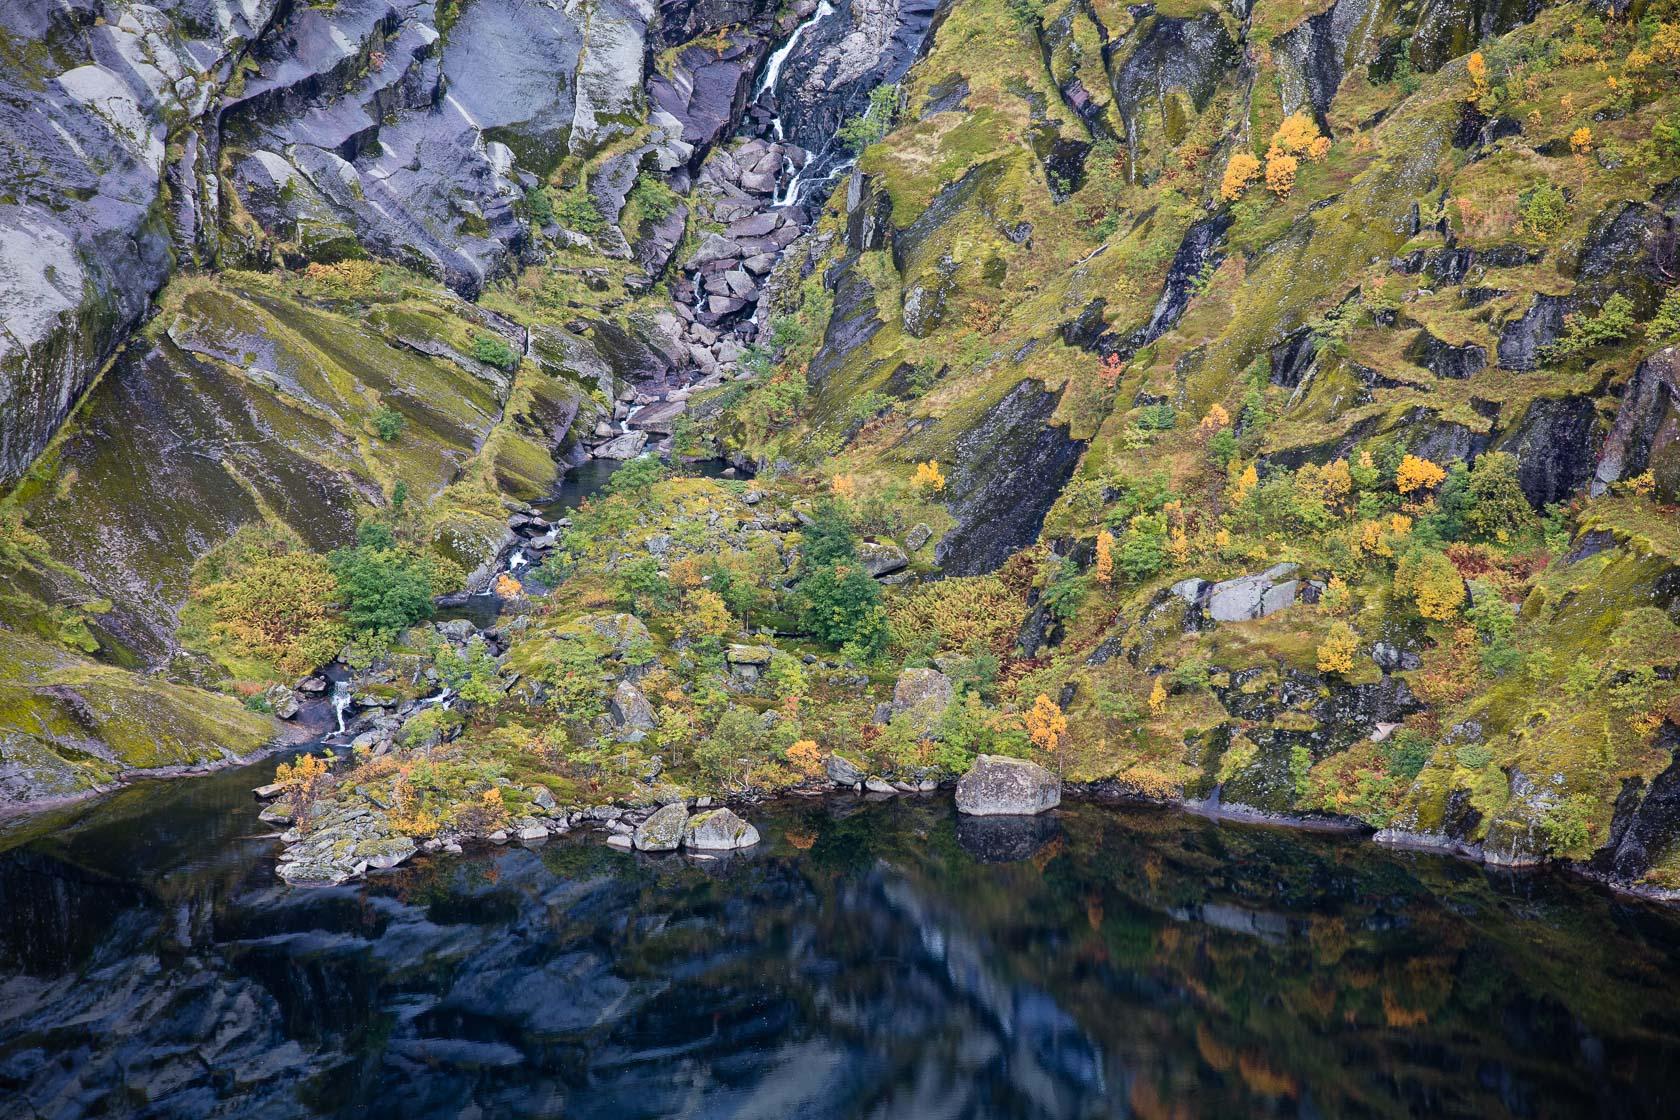 motifs de végétation et de roches dans le montagnes de Moskenes, pendant un voyage photo dans les Lofoten